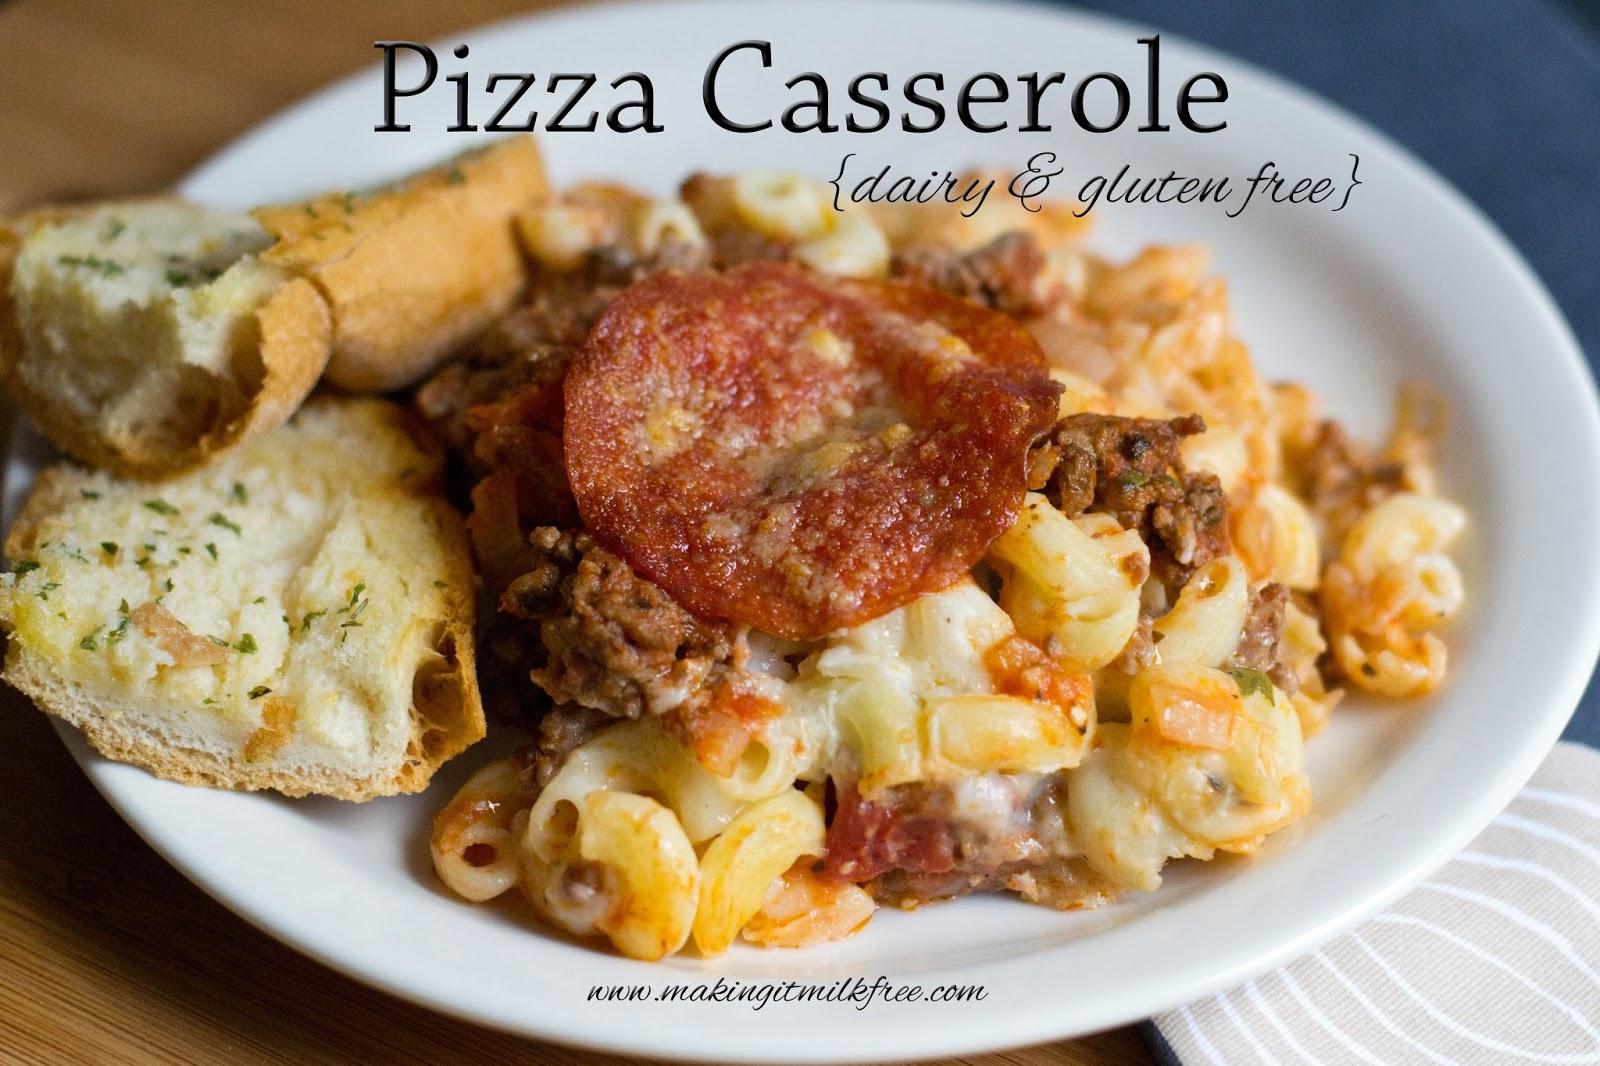 #glutenfree #dairyfree #casserole #pizza